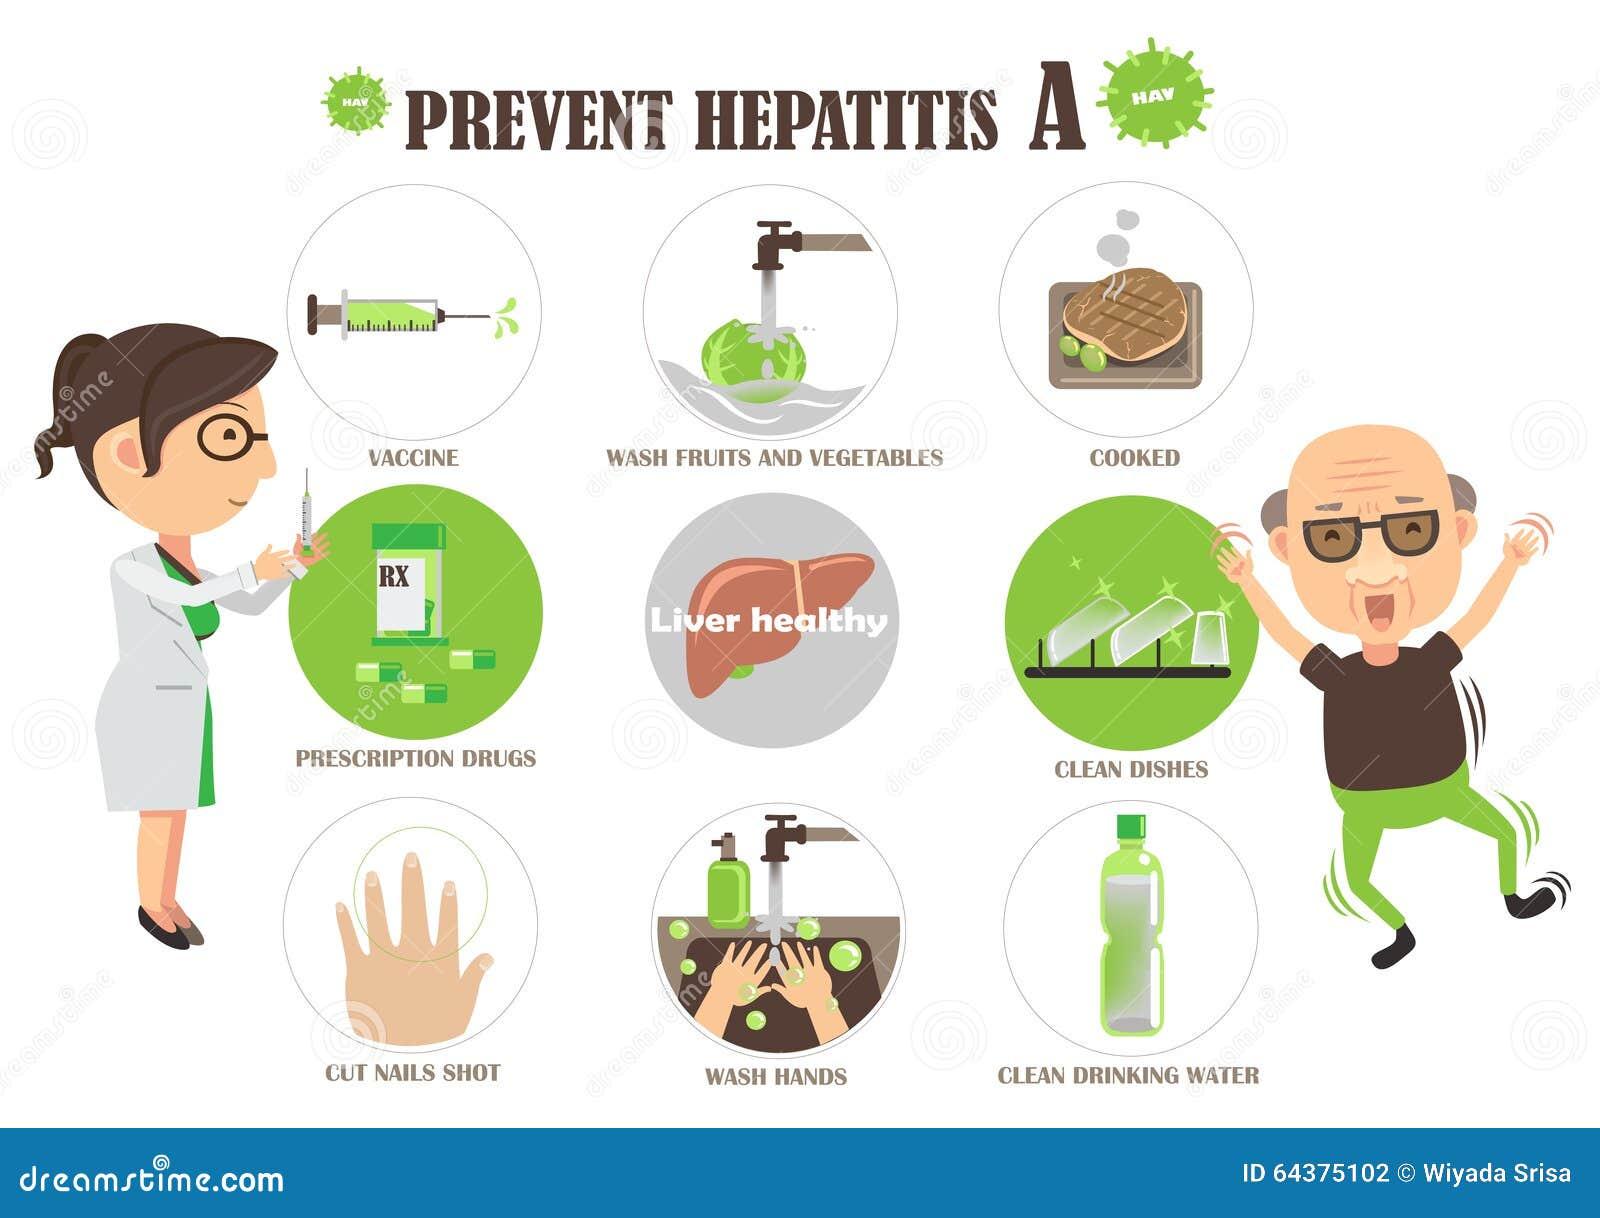 How to Prevent Hepatitis C